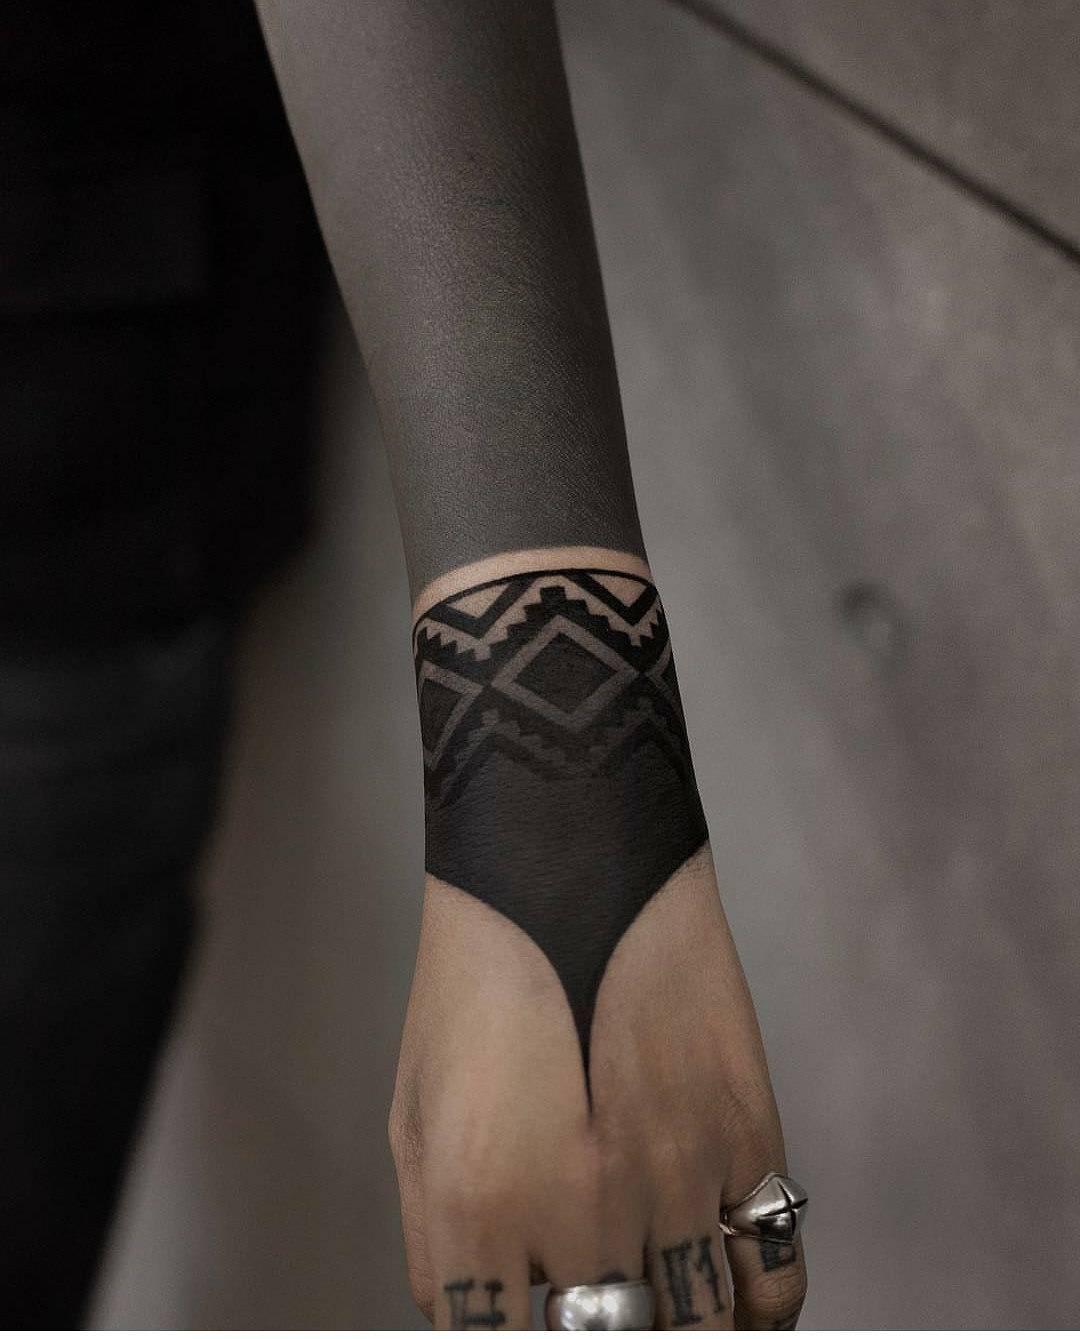 чорний рукав і браслет в стилі блекворк